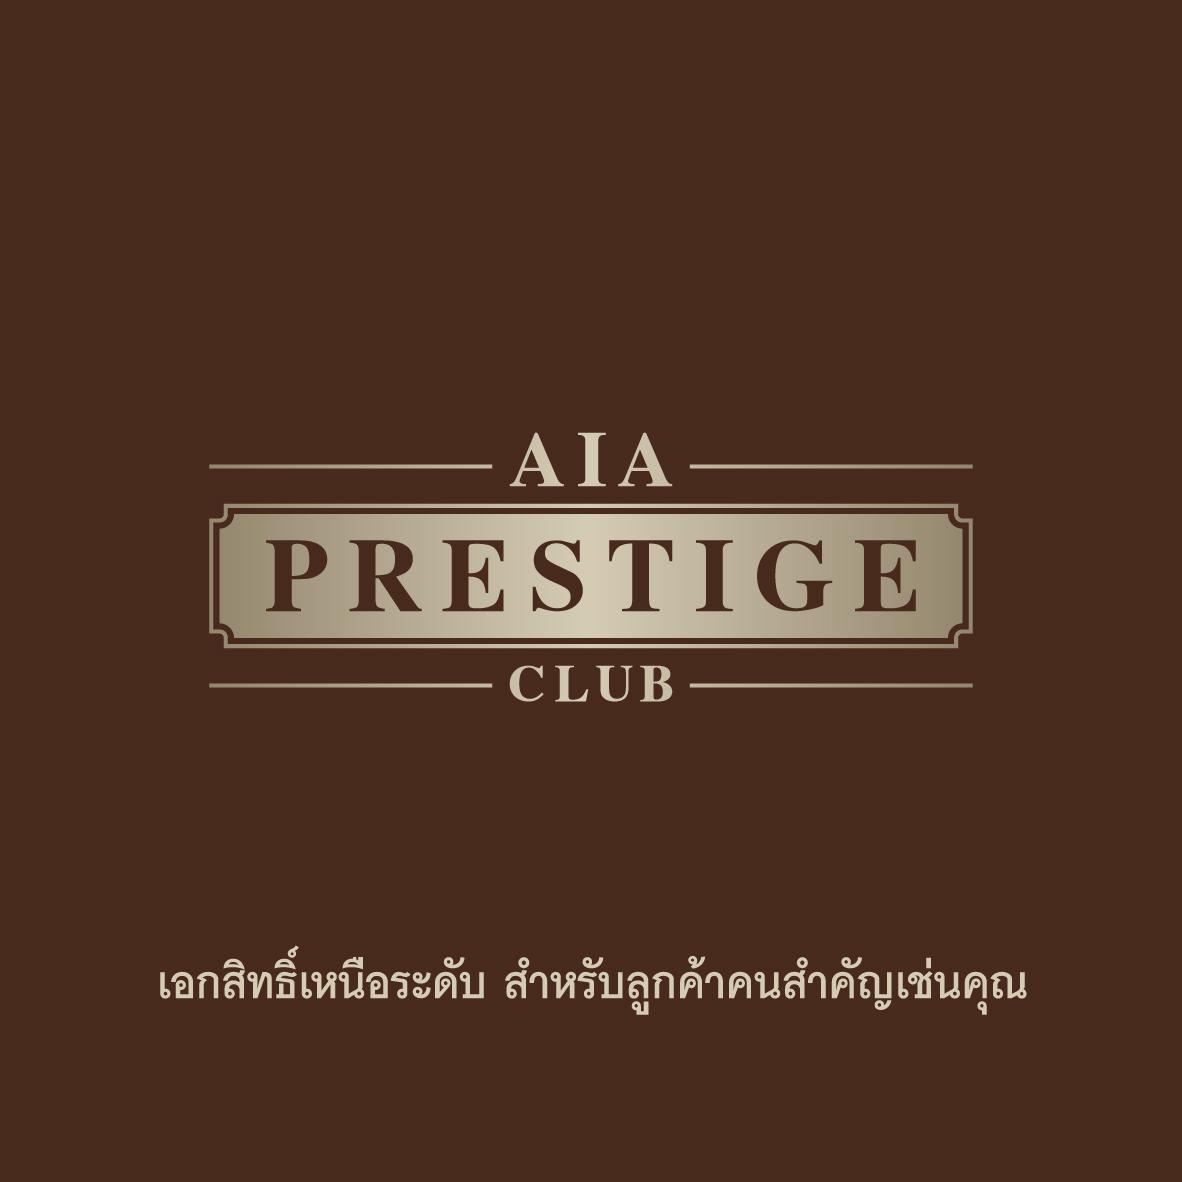 Logo-AIA Prestige Club-02